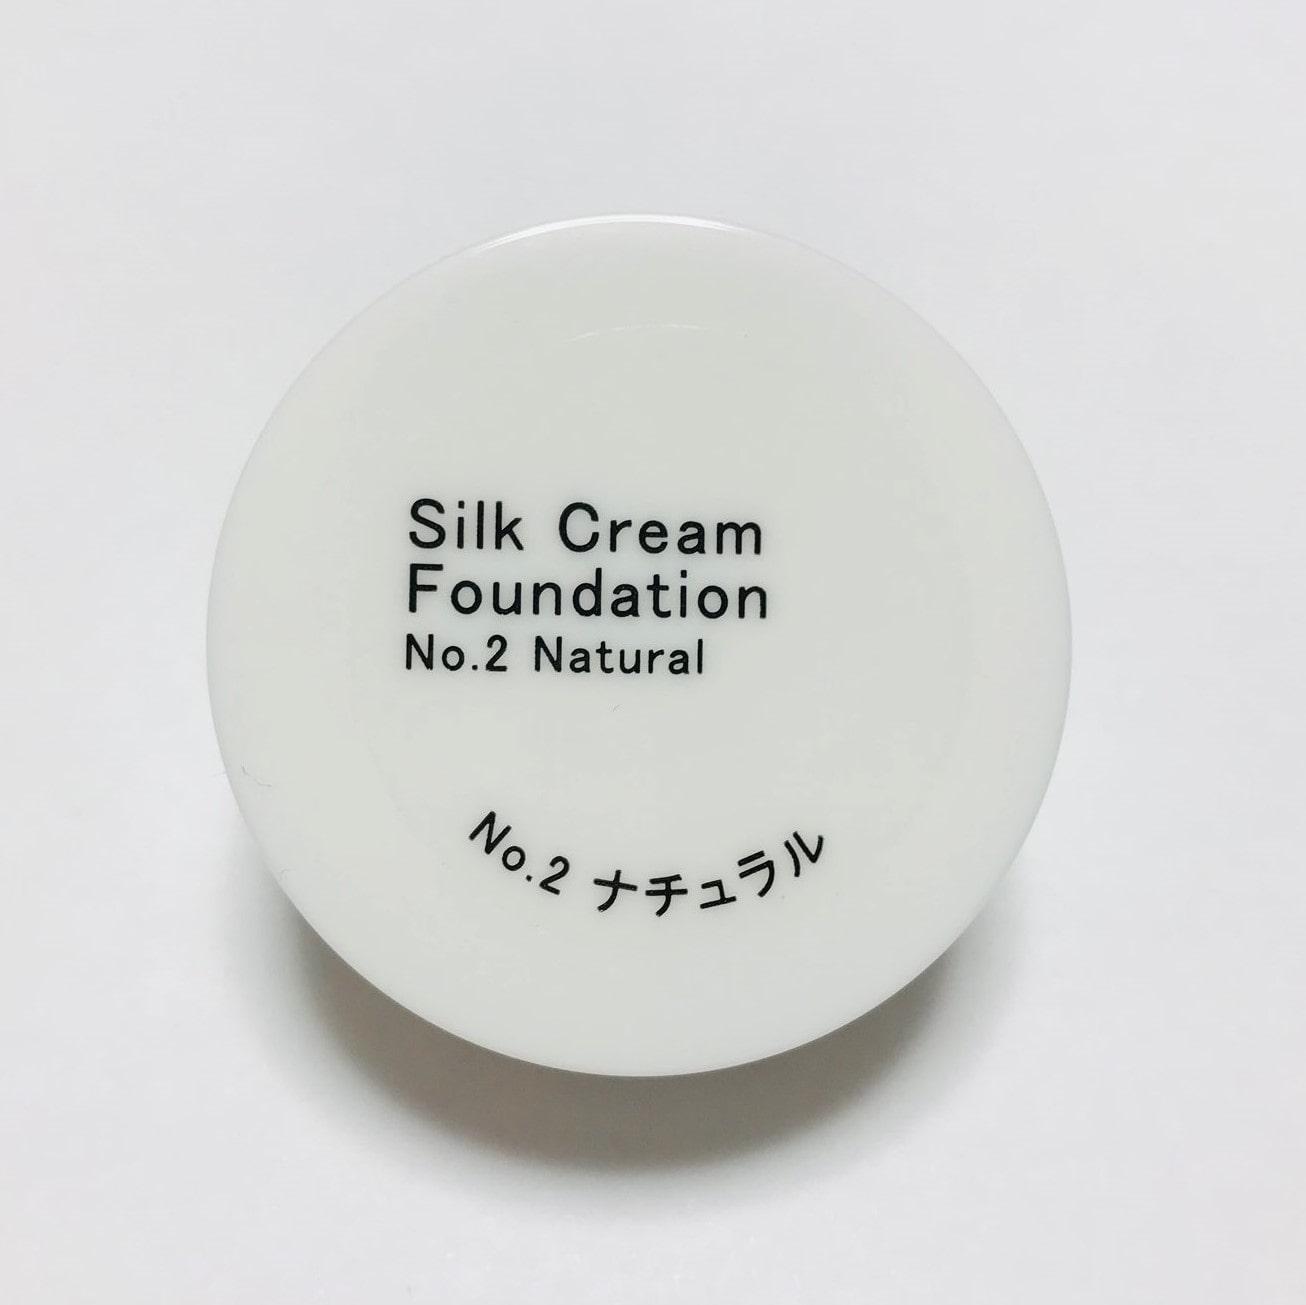 シルククリームファンデーション (全2色)